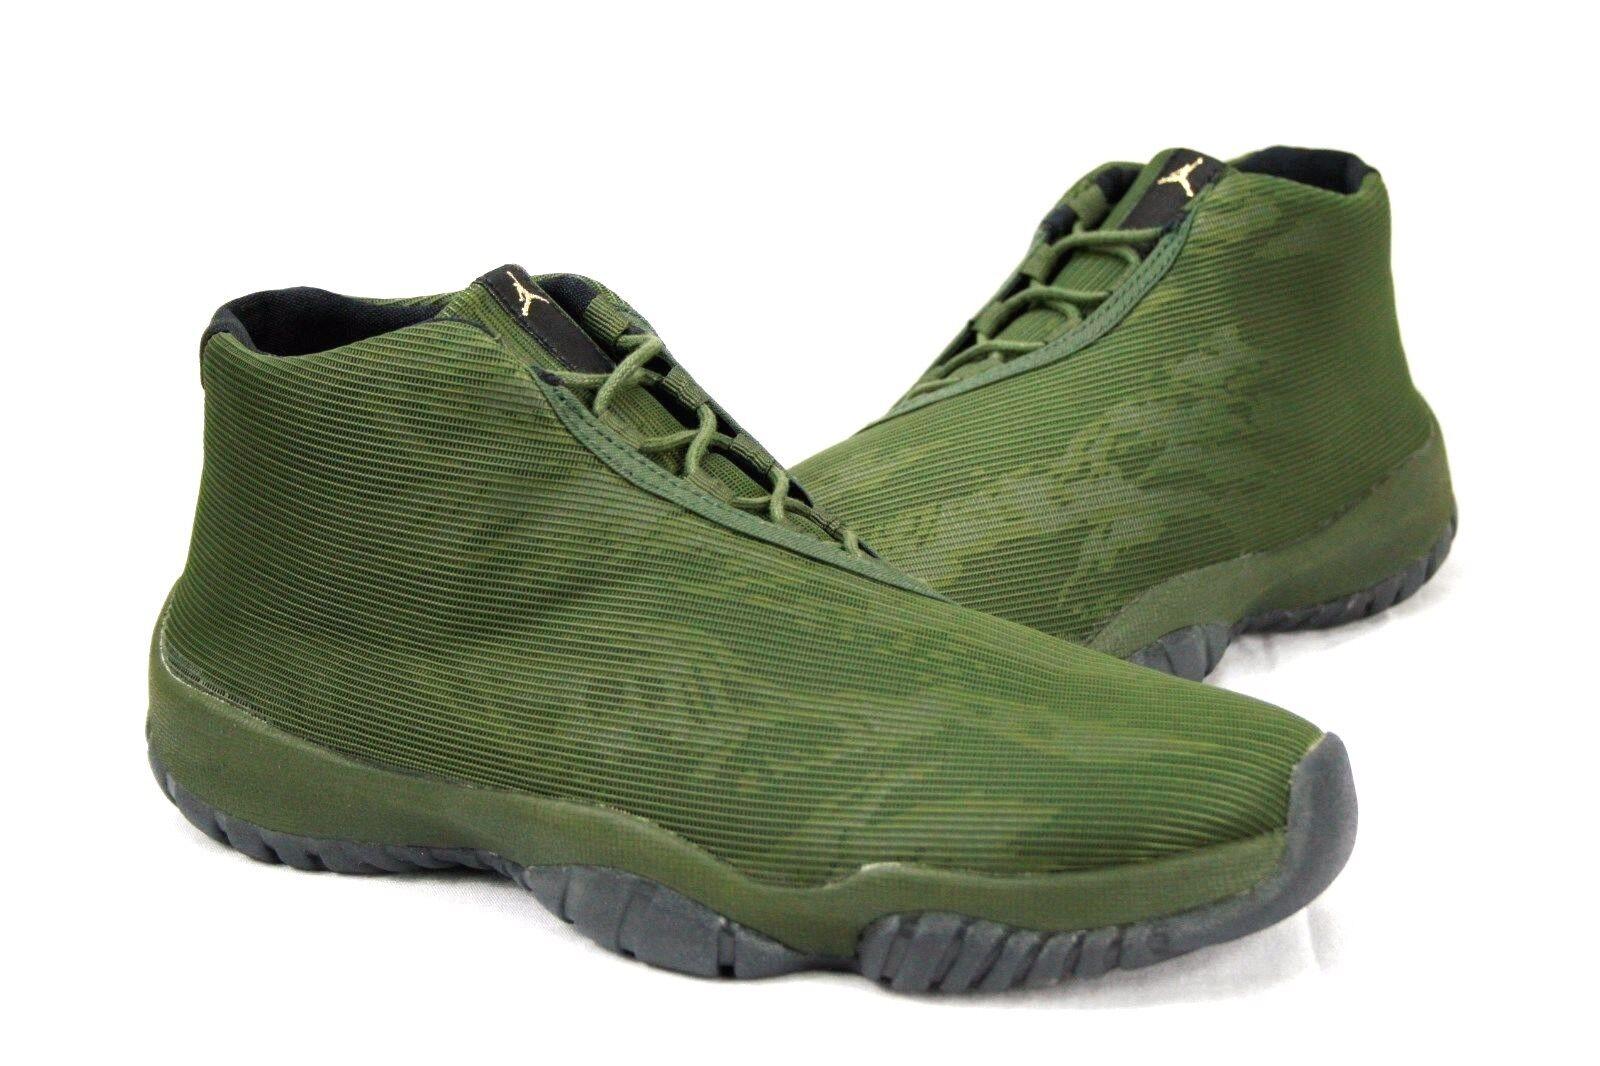 Nike Size: Air Jordan Future 656503-301 Size: Nike 9,9.5,10 ed3490